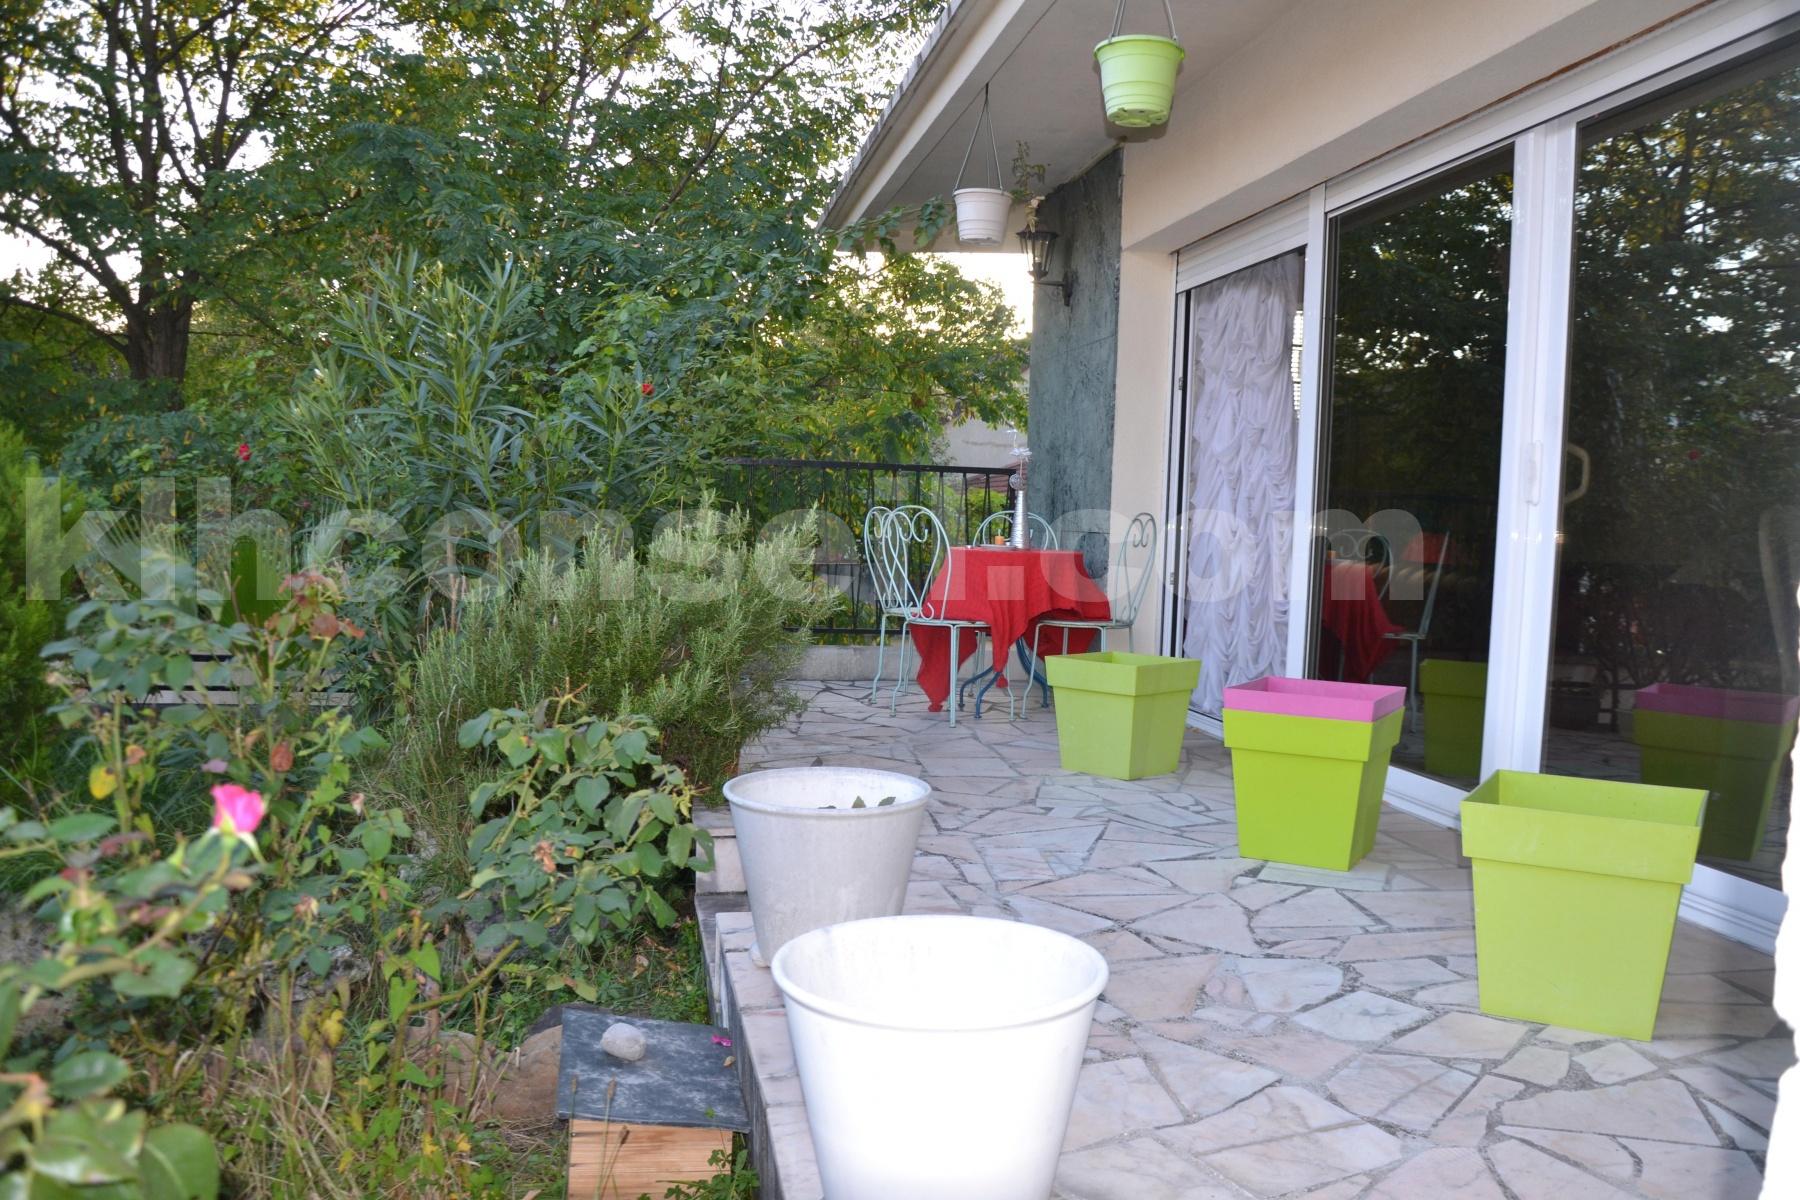 Vente Maison Ancienne Colombes (92700) 7 Pièce(S) 150 M2 concernant Serre De Jardin Ancienne A Vendre